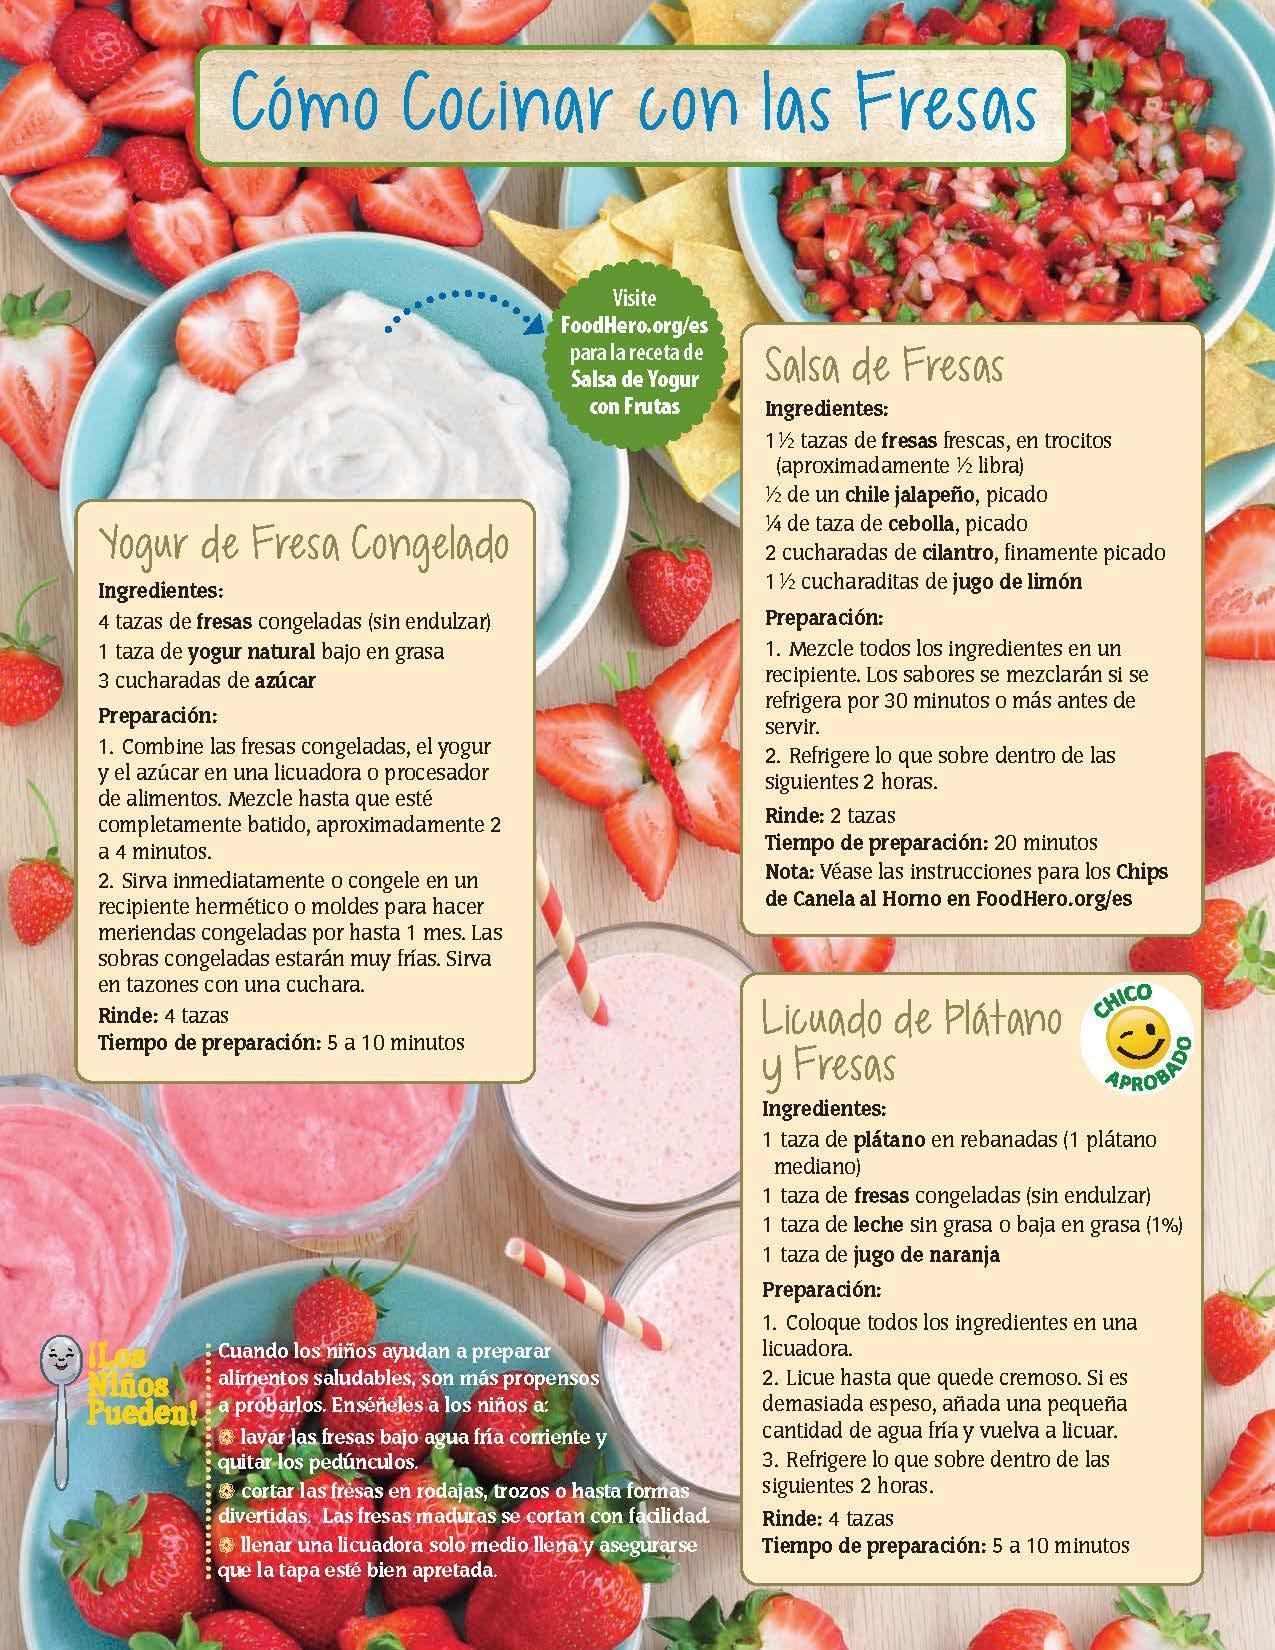 Fresas - Los Niños Pueden